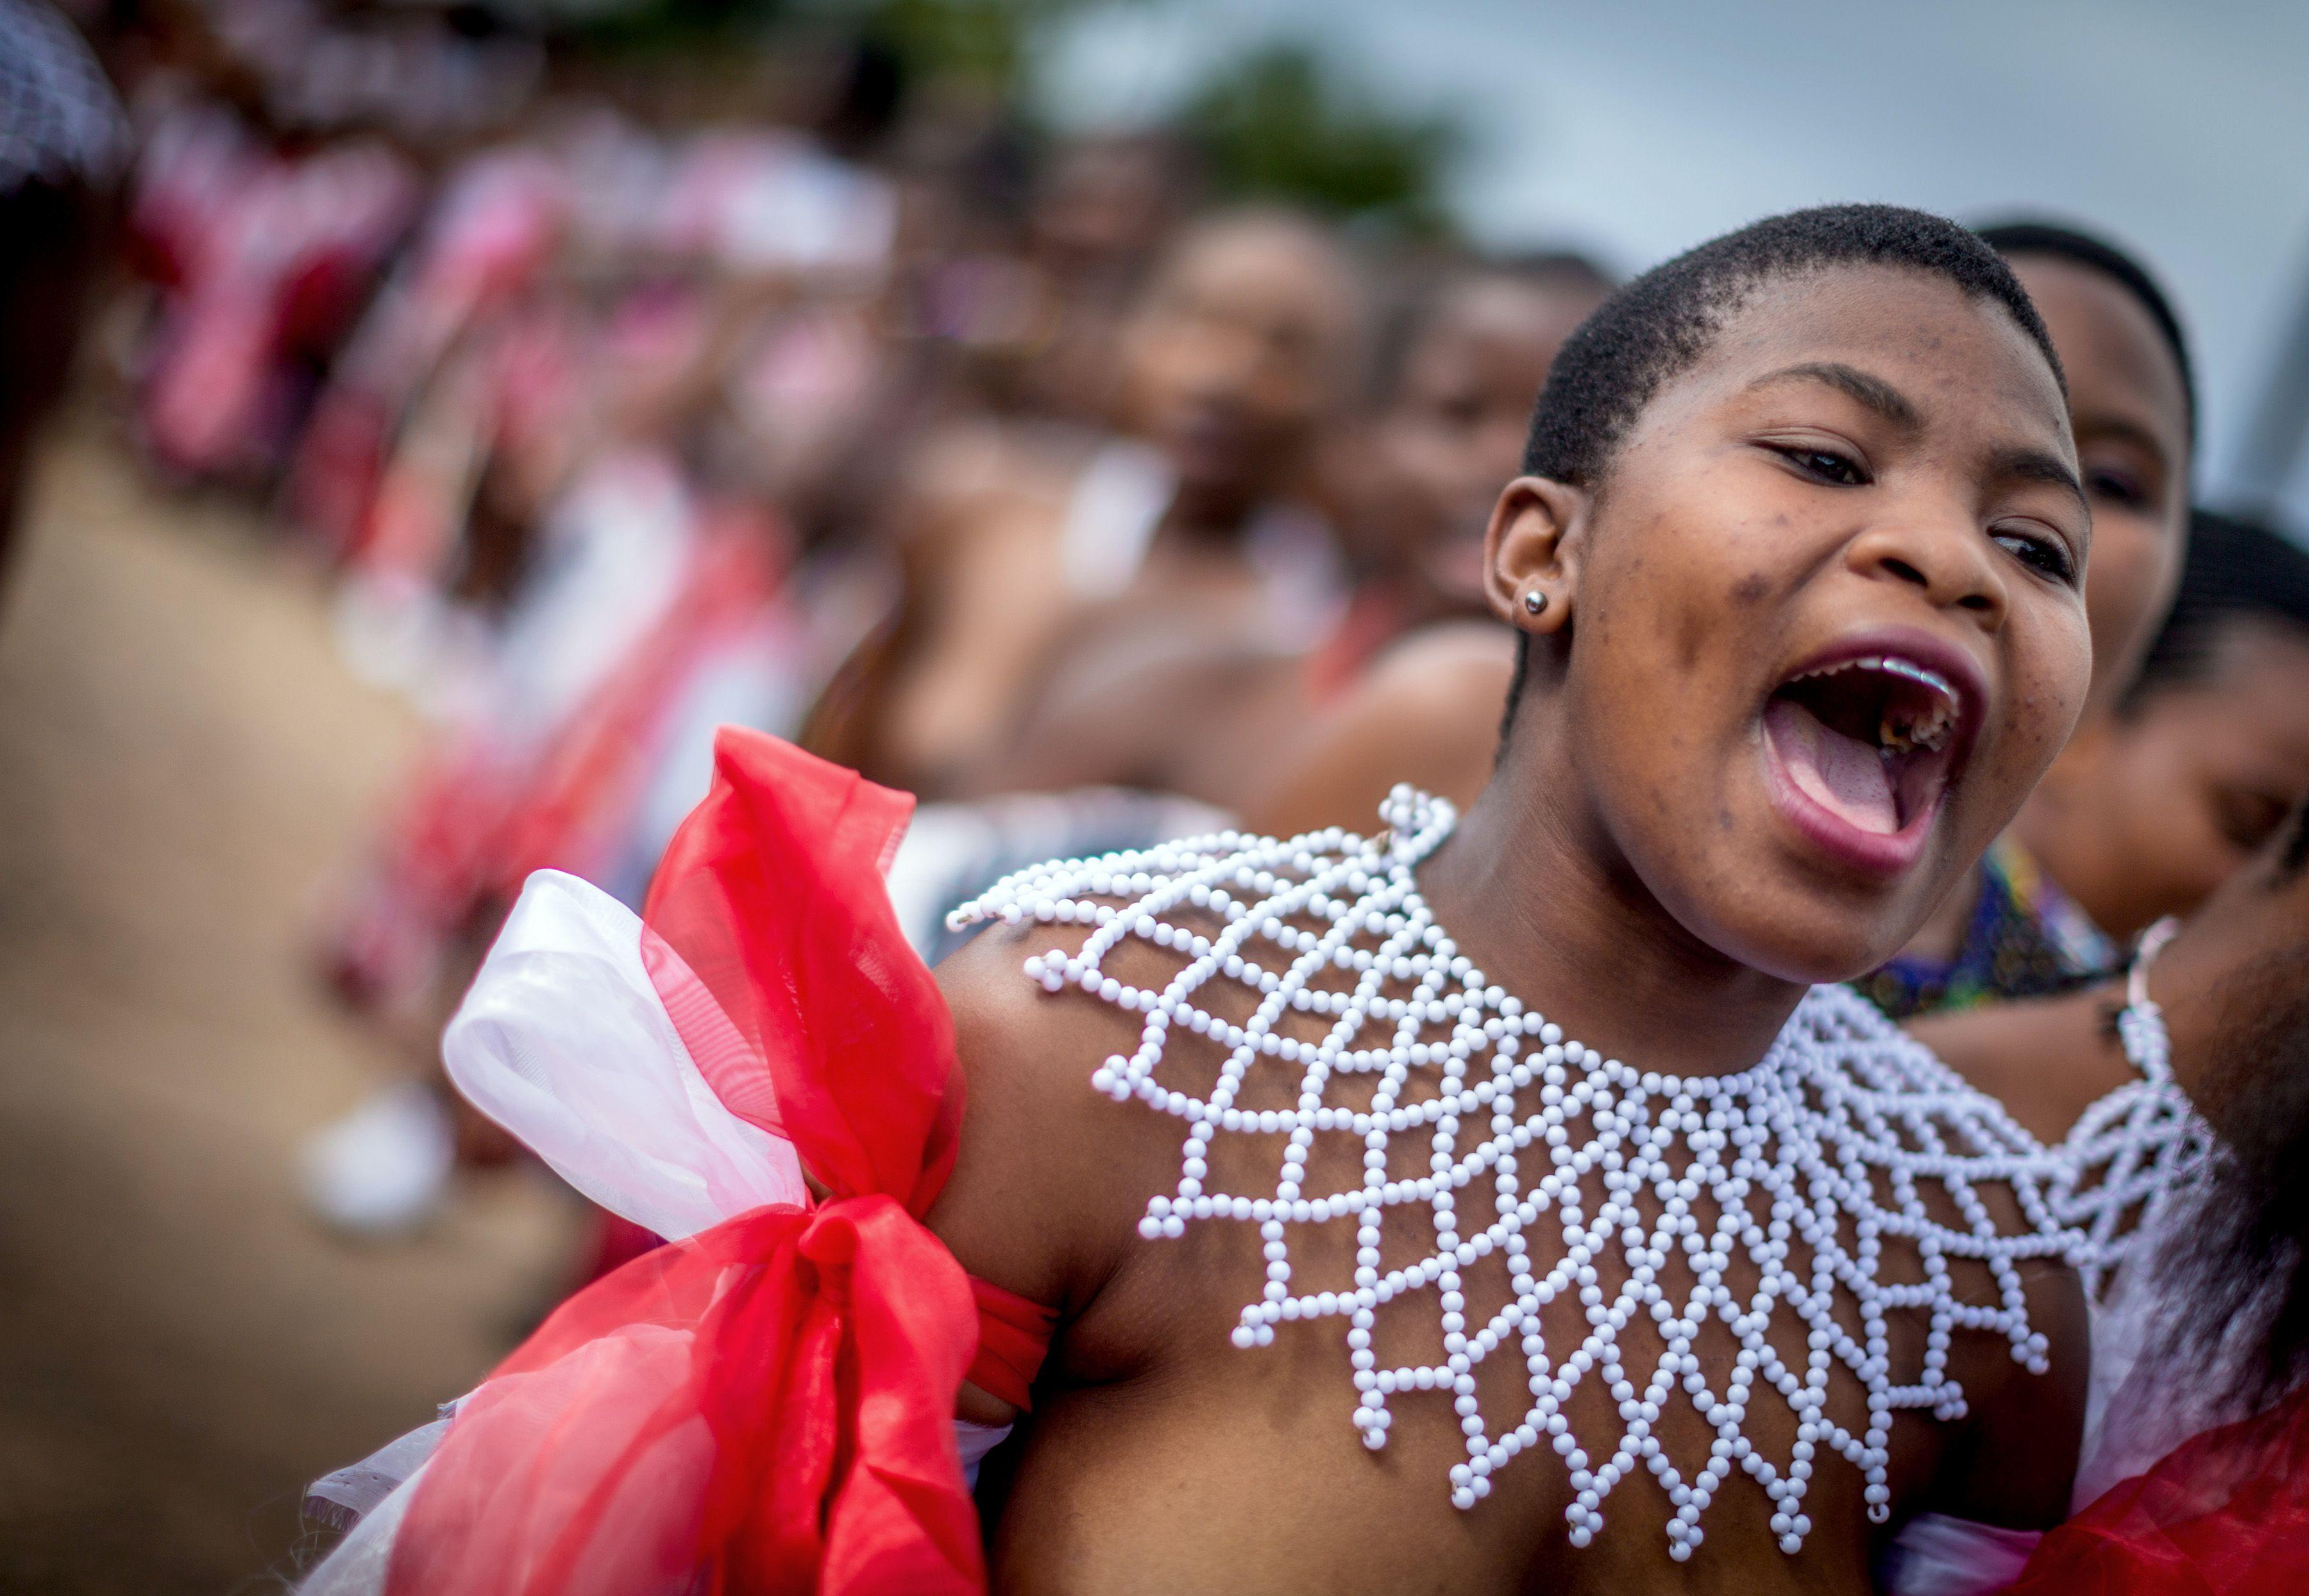 一名穿著南非祖魯族傳統服飾的少女參加小型的芒草舞蹈表演時高聲呼喊。(Getty Images)